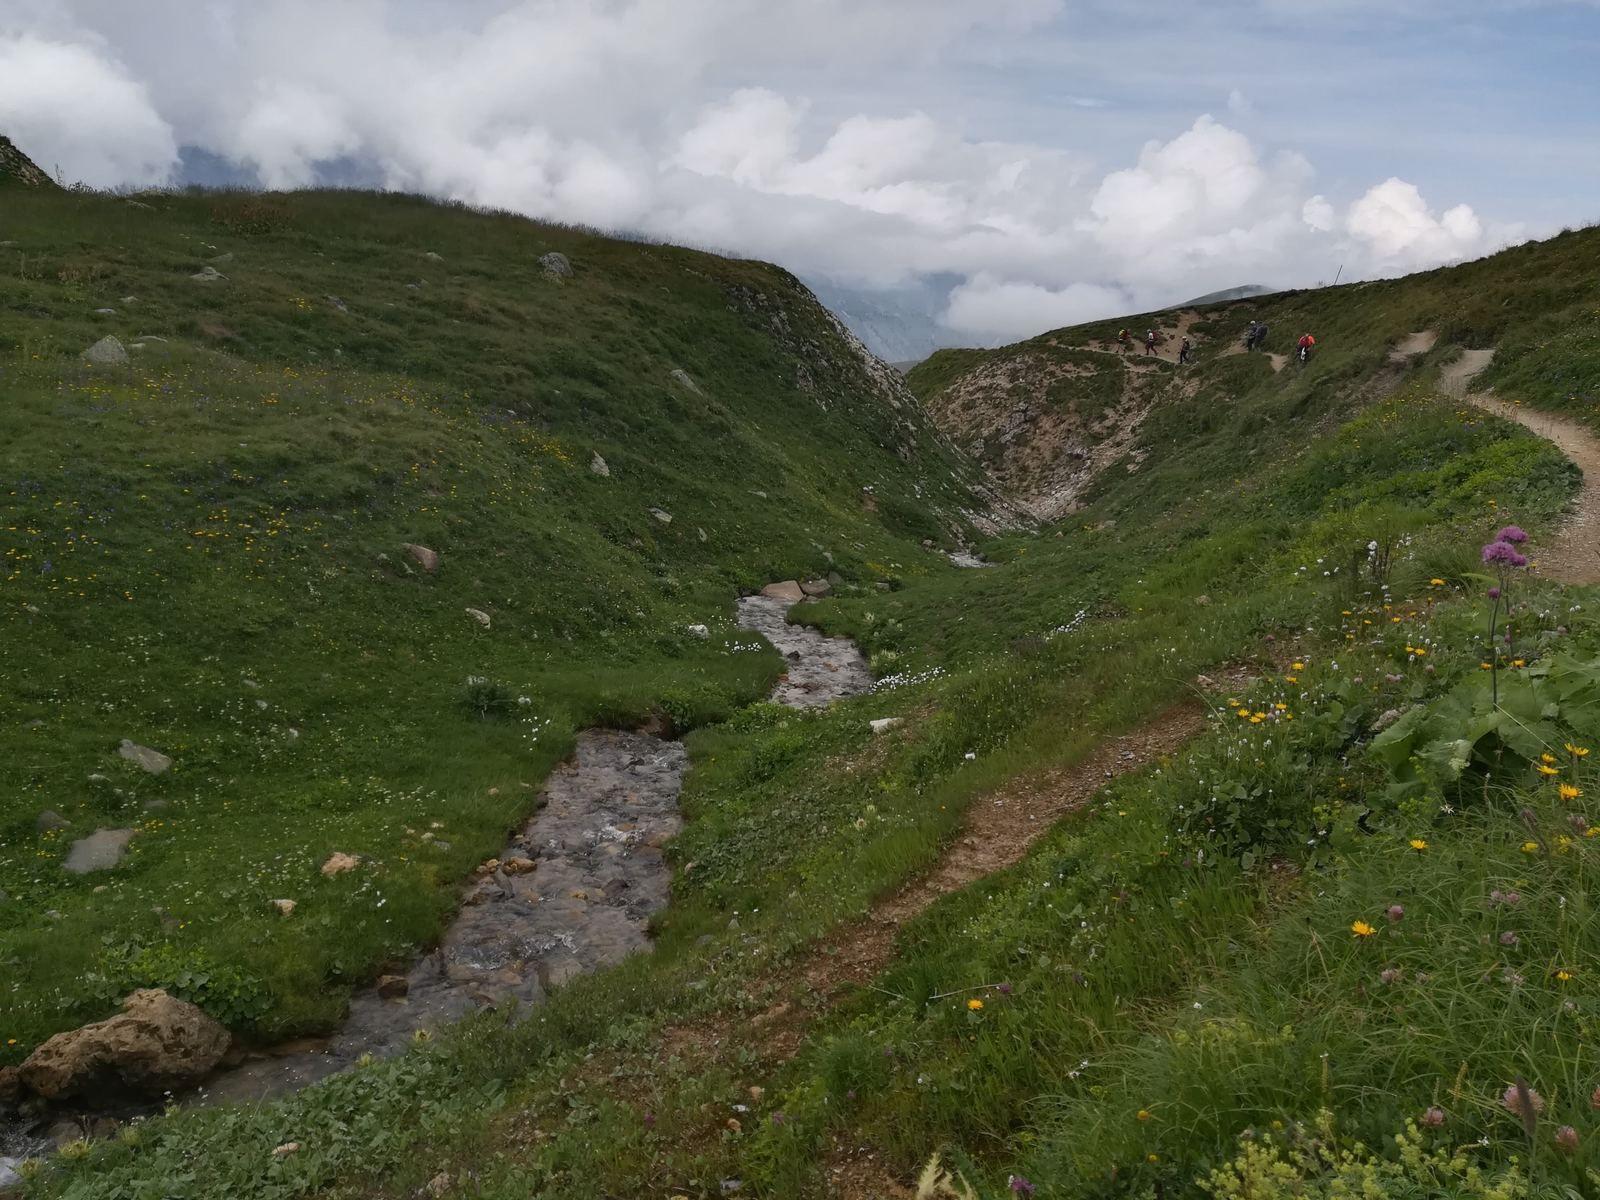 Retour vers le Col de la Croix de Fer pour terminer cette journée.